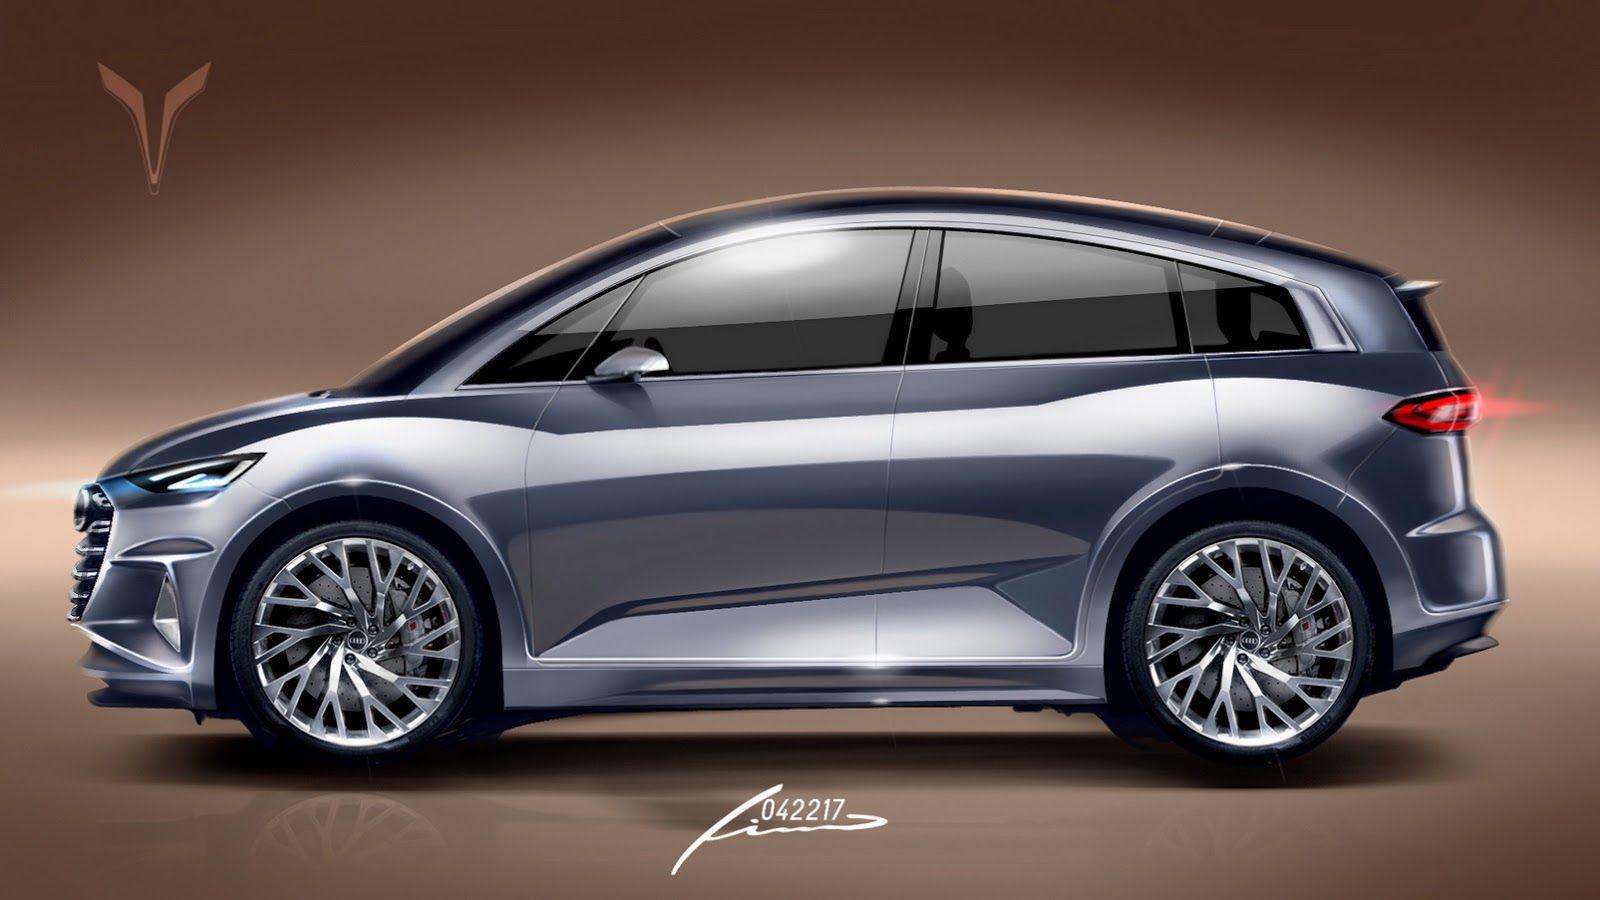 Kelebihan Audi A2 2017 Spesifikasi